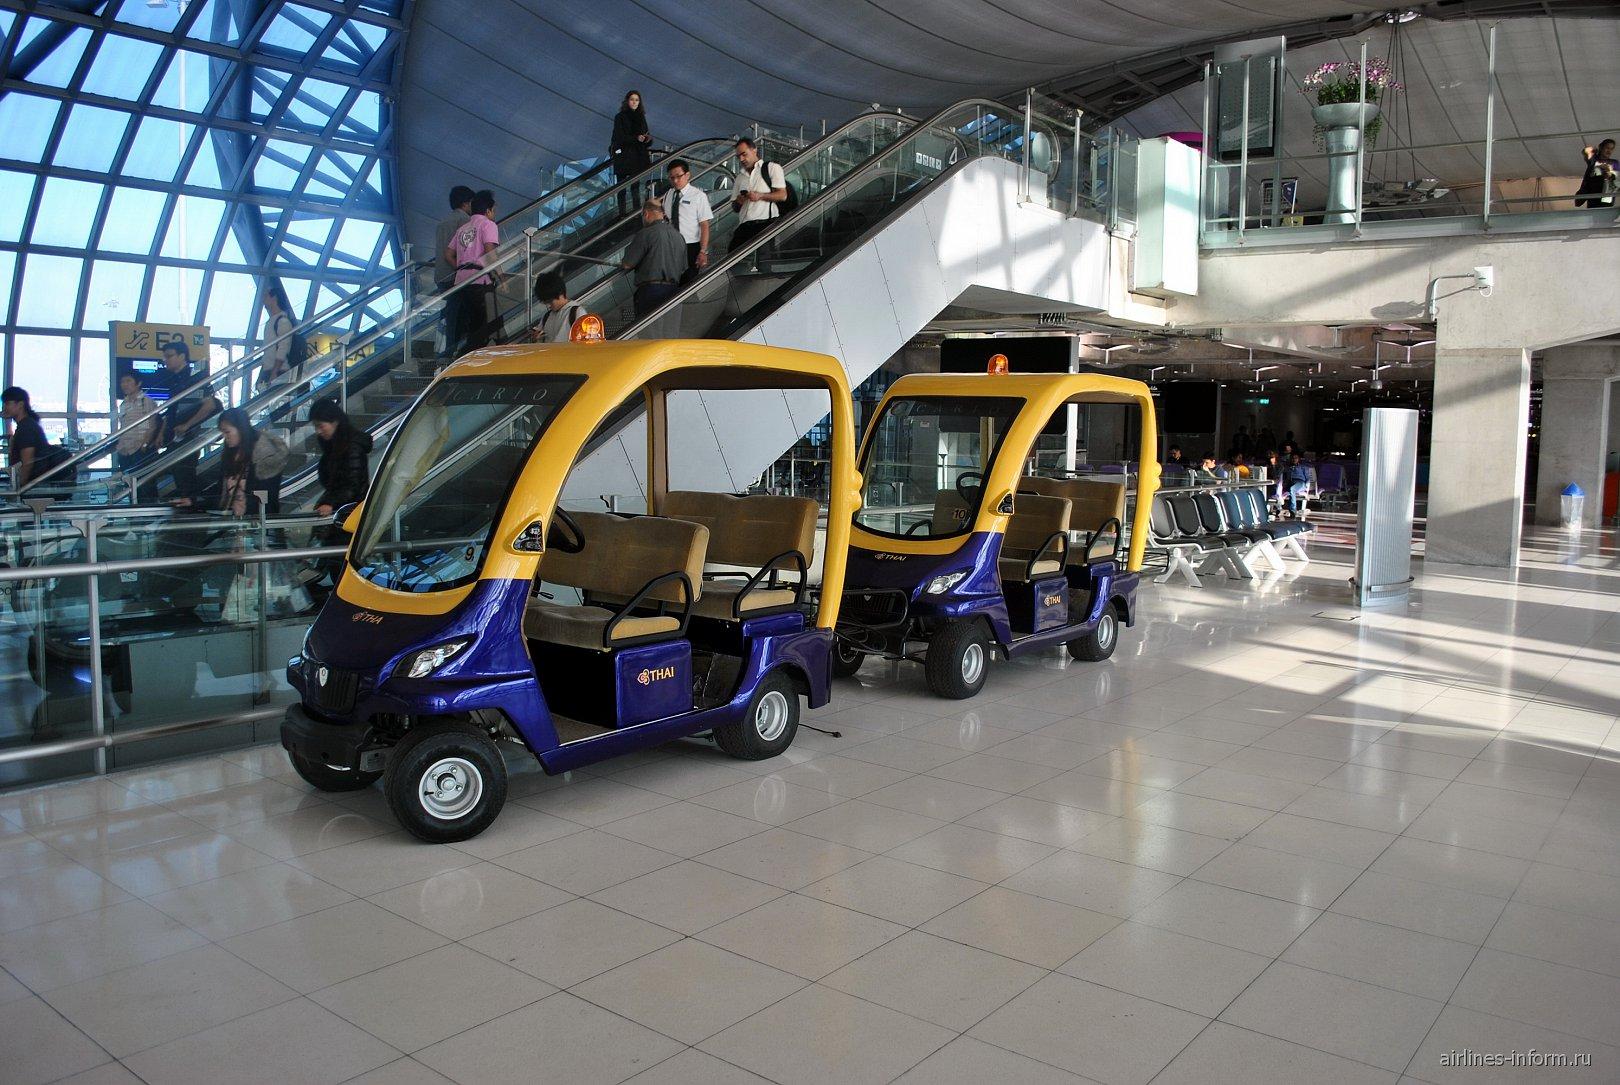 Электрокары в аэропорту Бангкок Суварнабуми